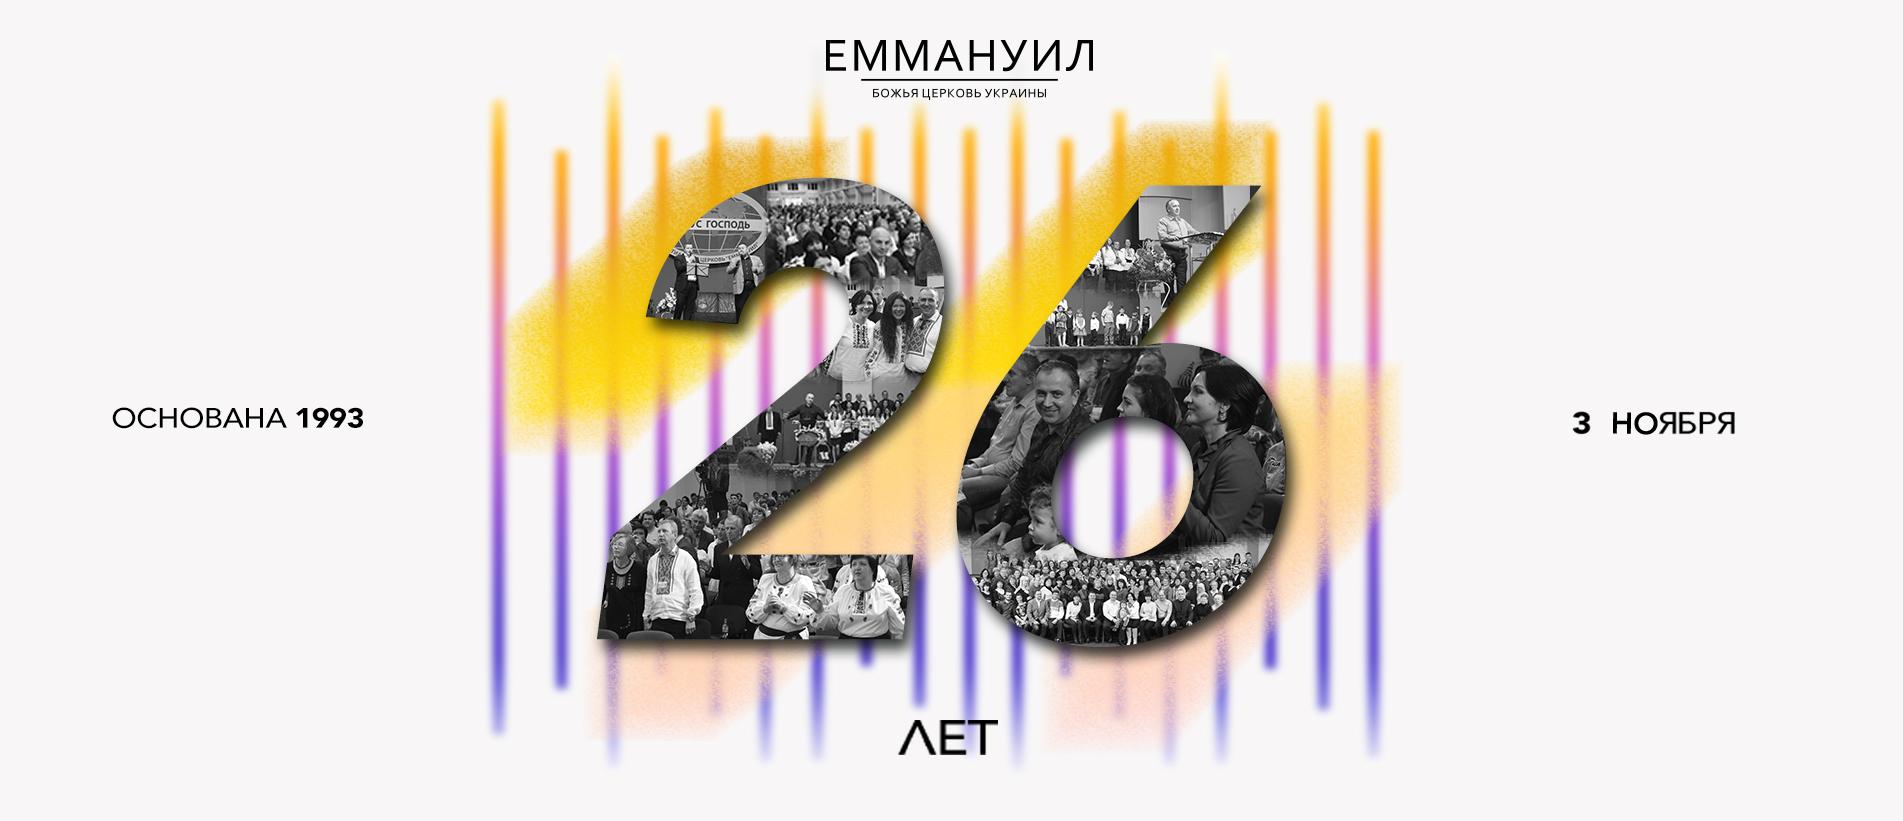 Церковь «Еммануил» отпраздновала свое 26-летие.